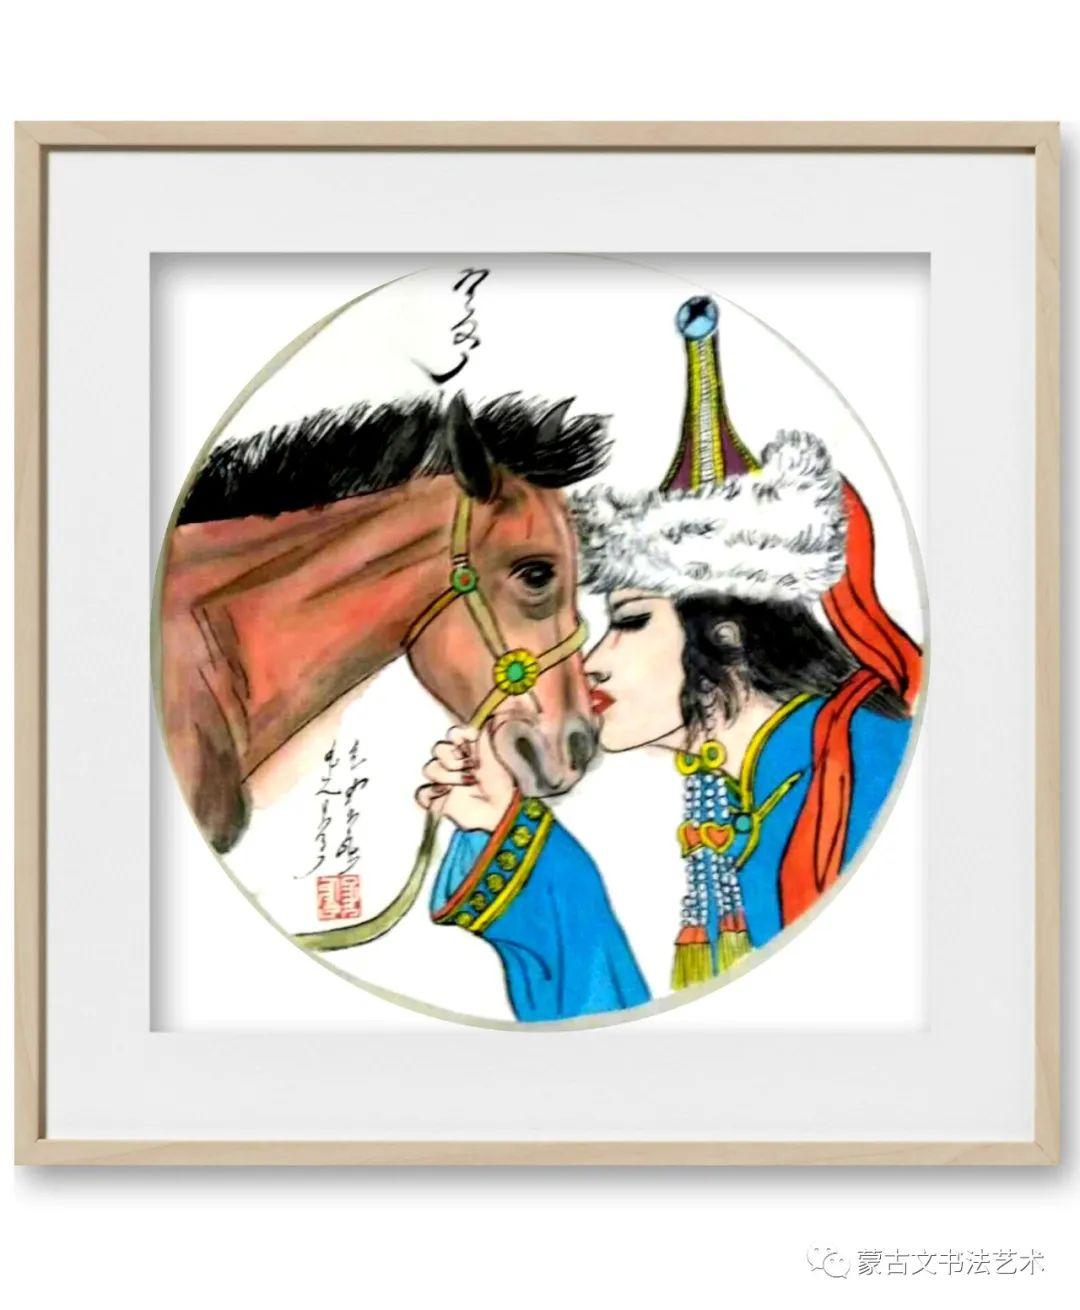 孟和达来蒙古文书法 第18张